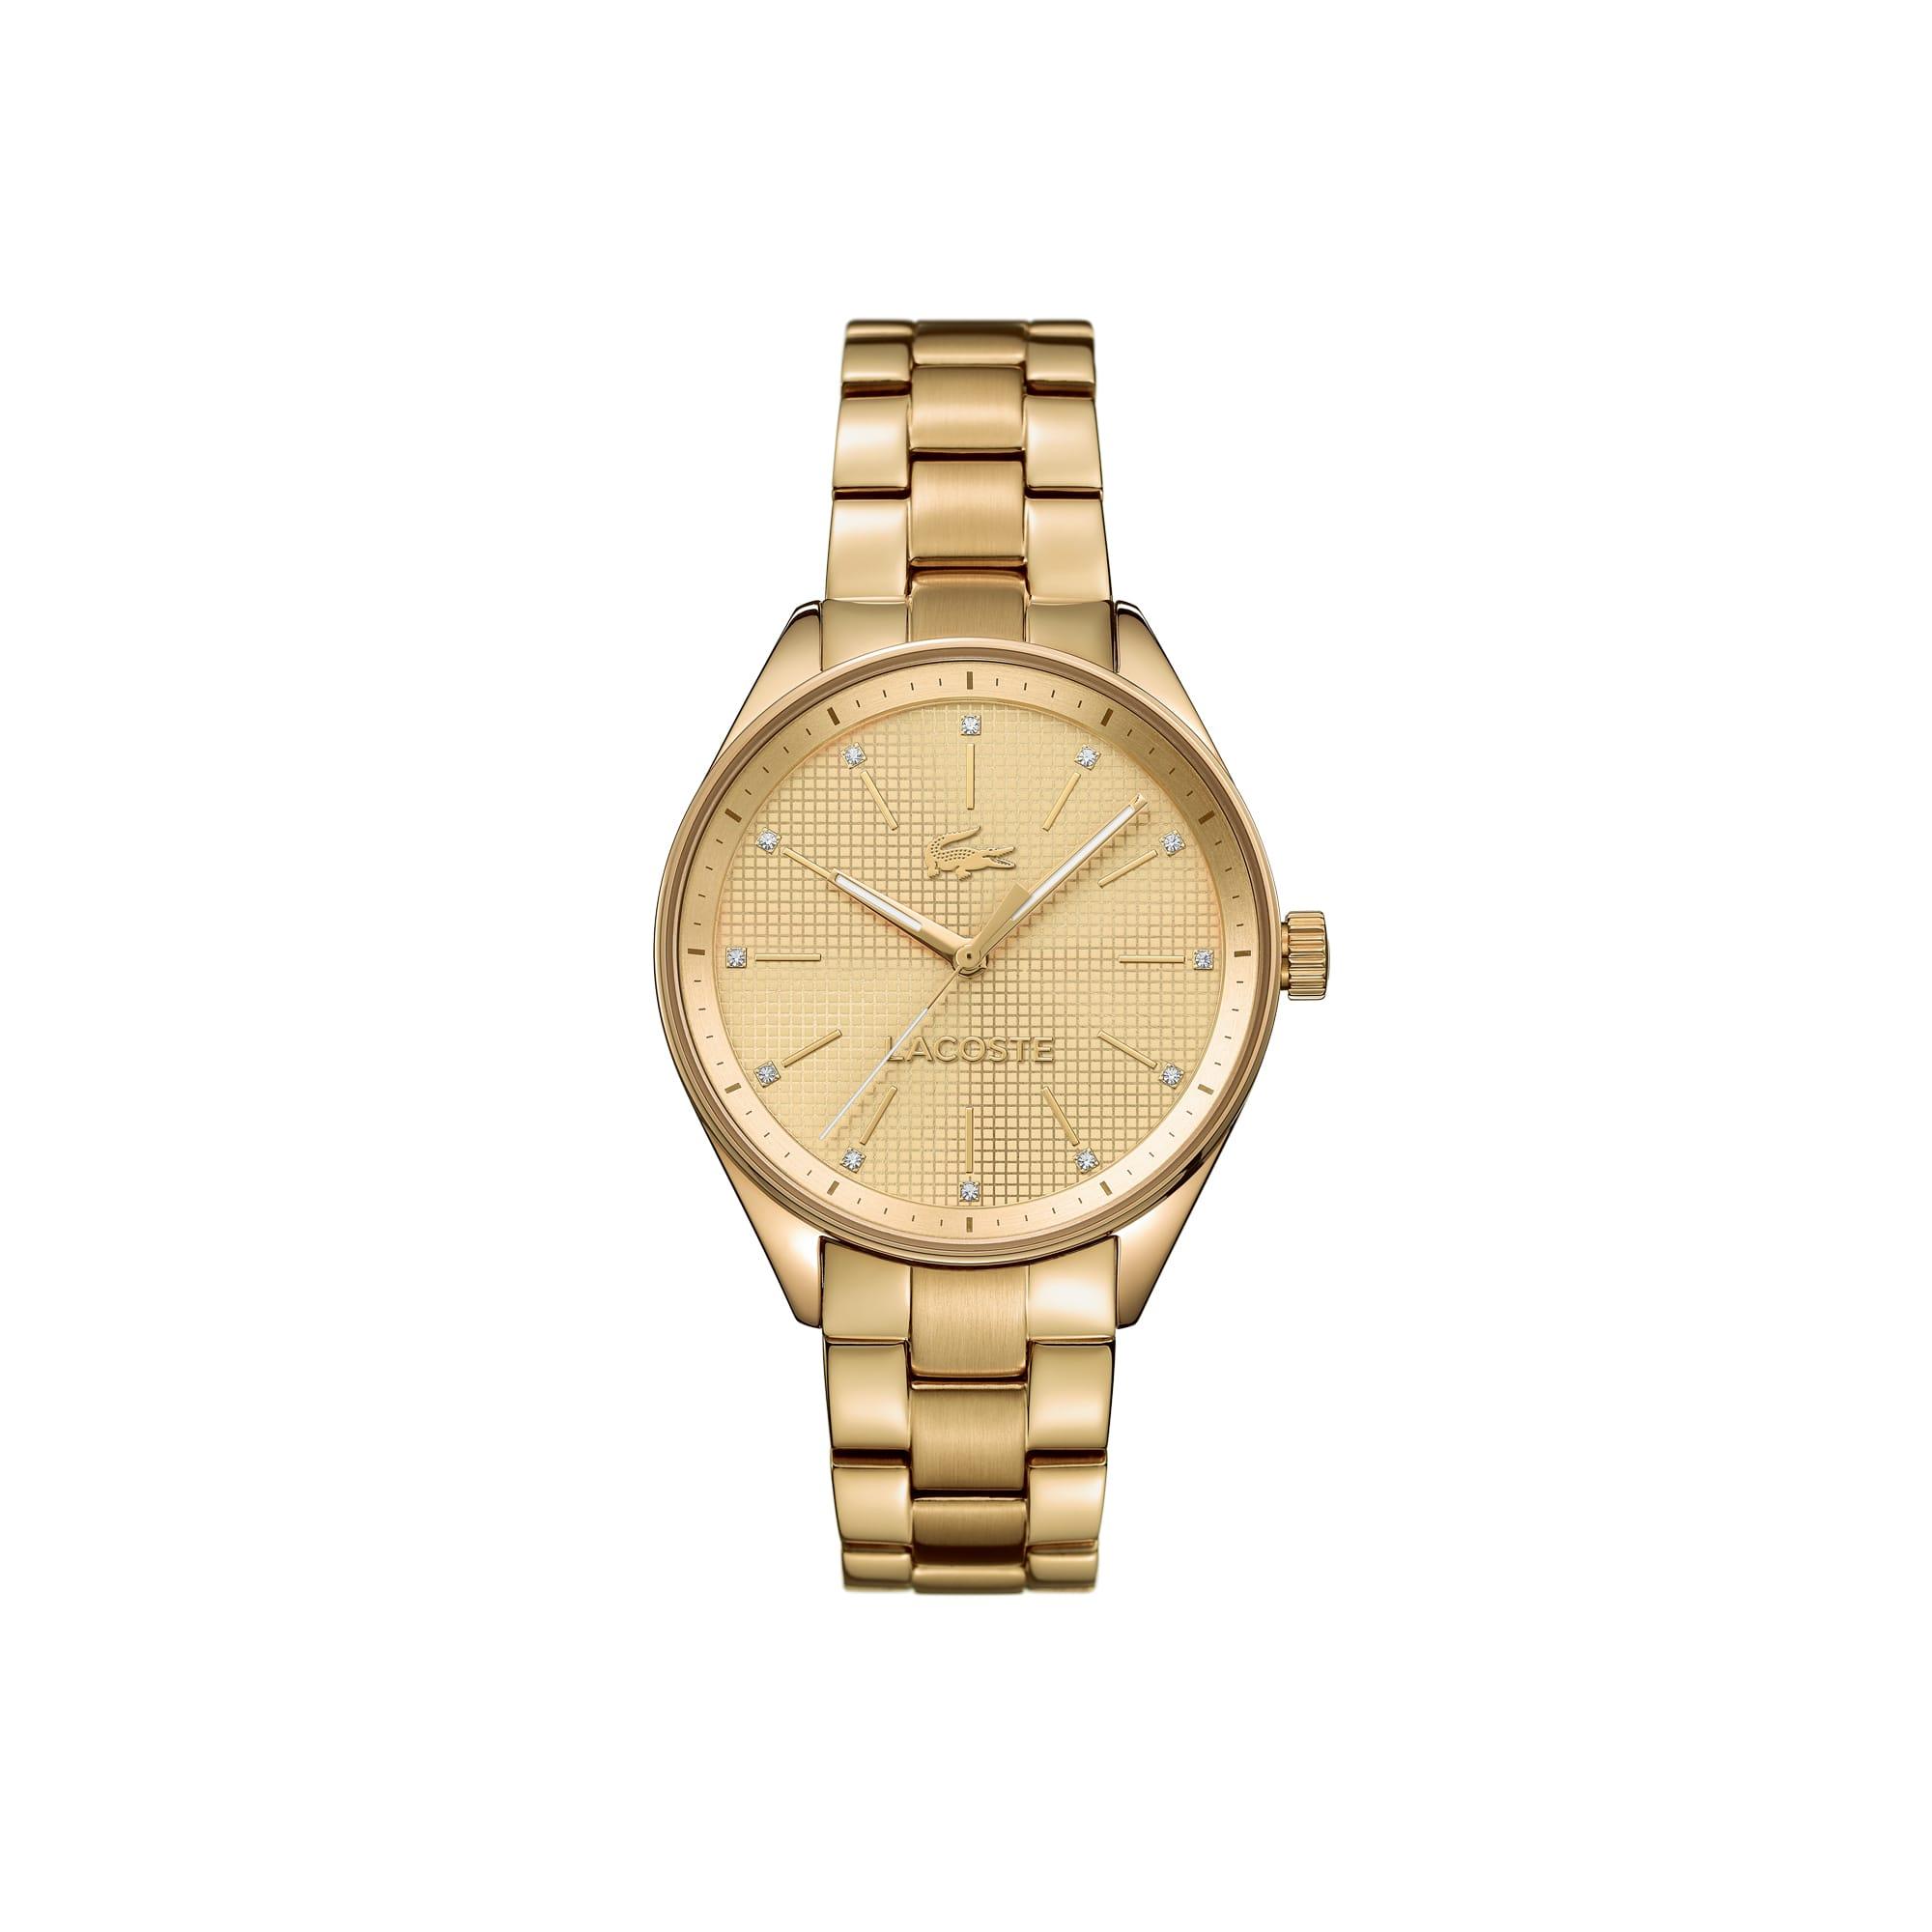 Relógio Philadelphia banhado em dourado com pulseira de metal e cristais Swarovski no mostrador